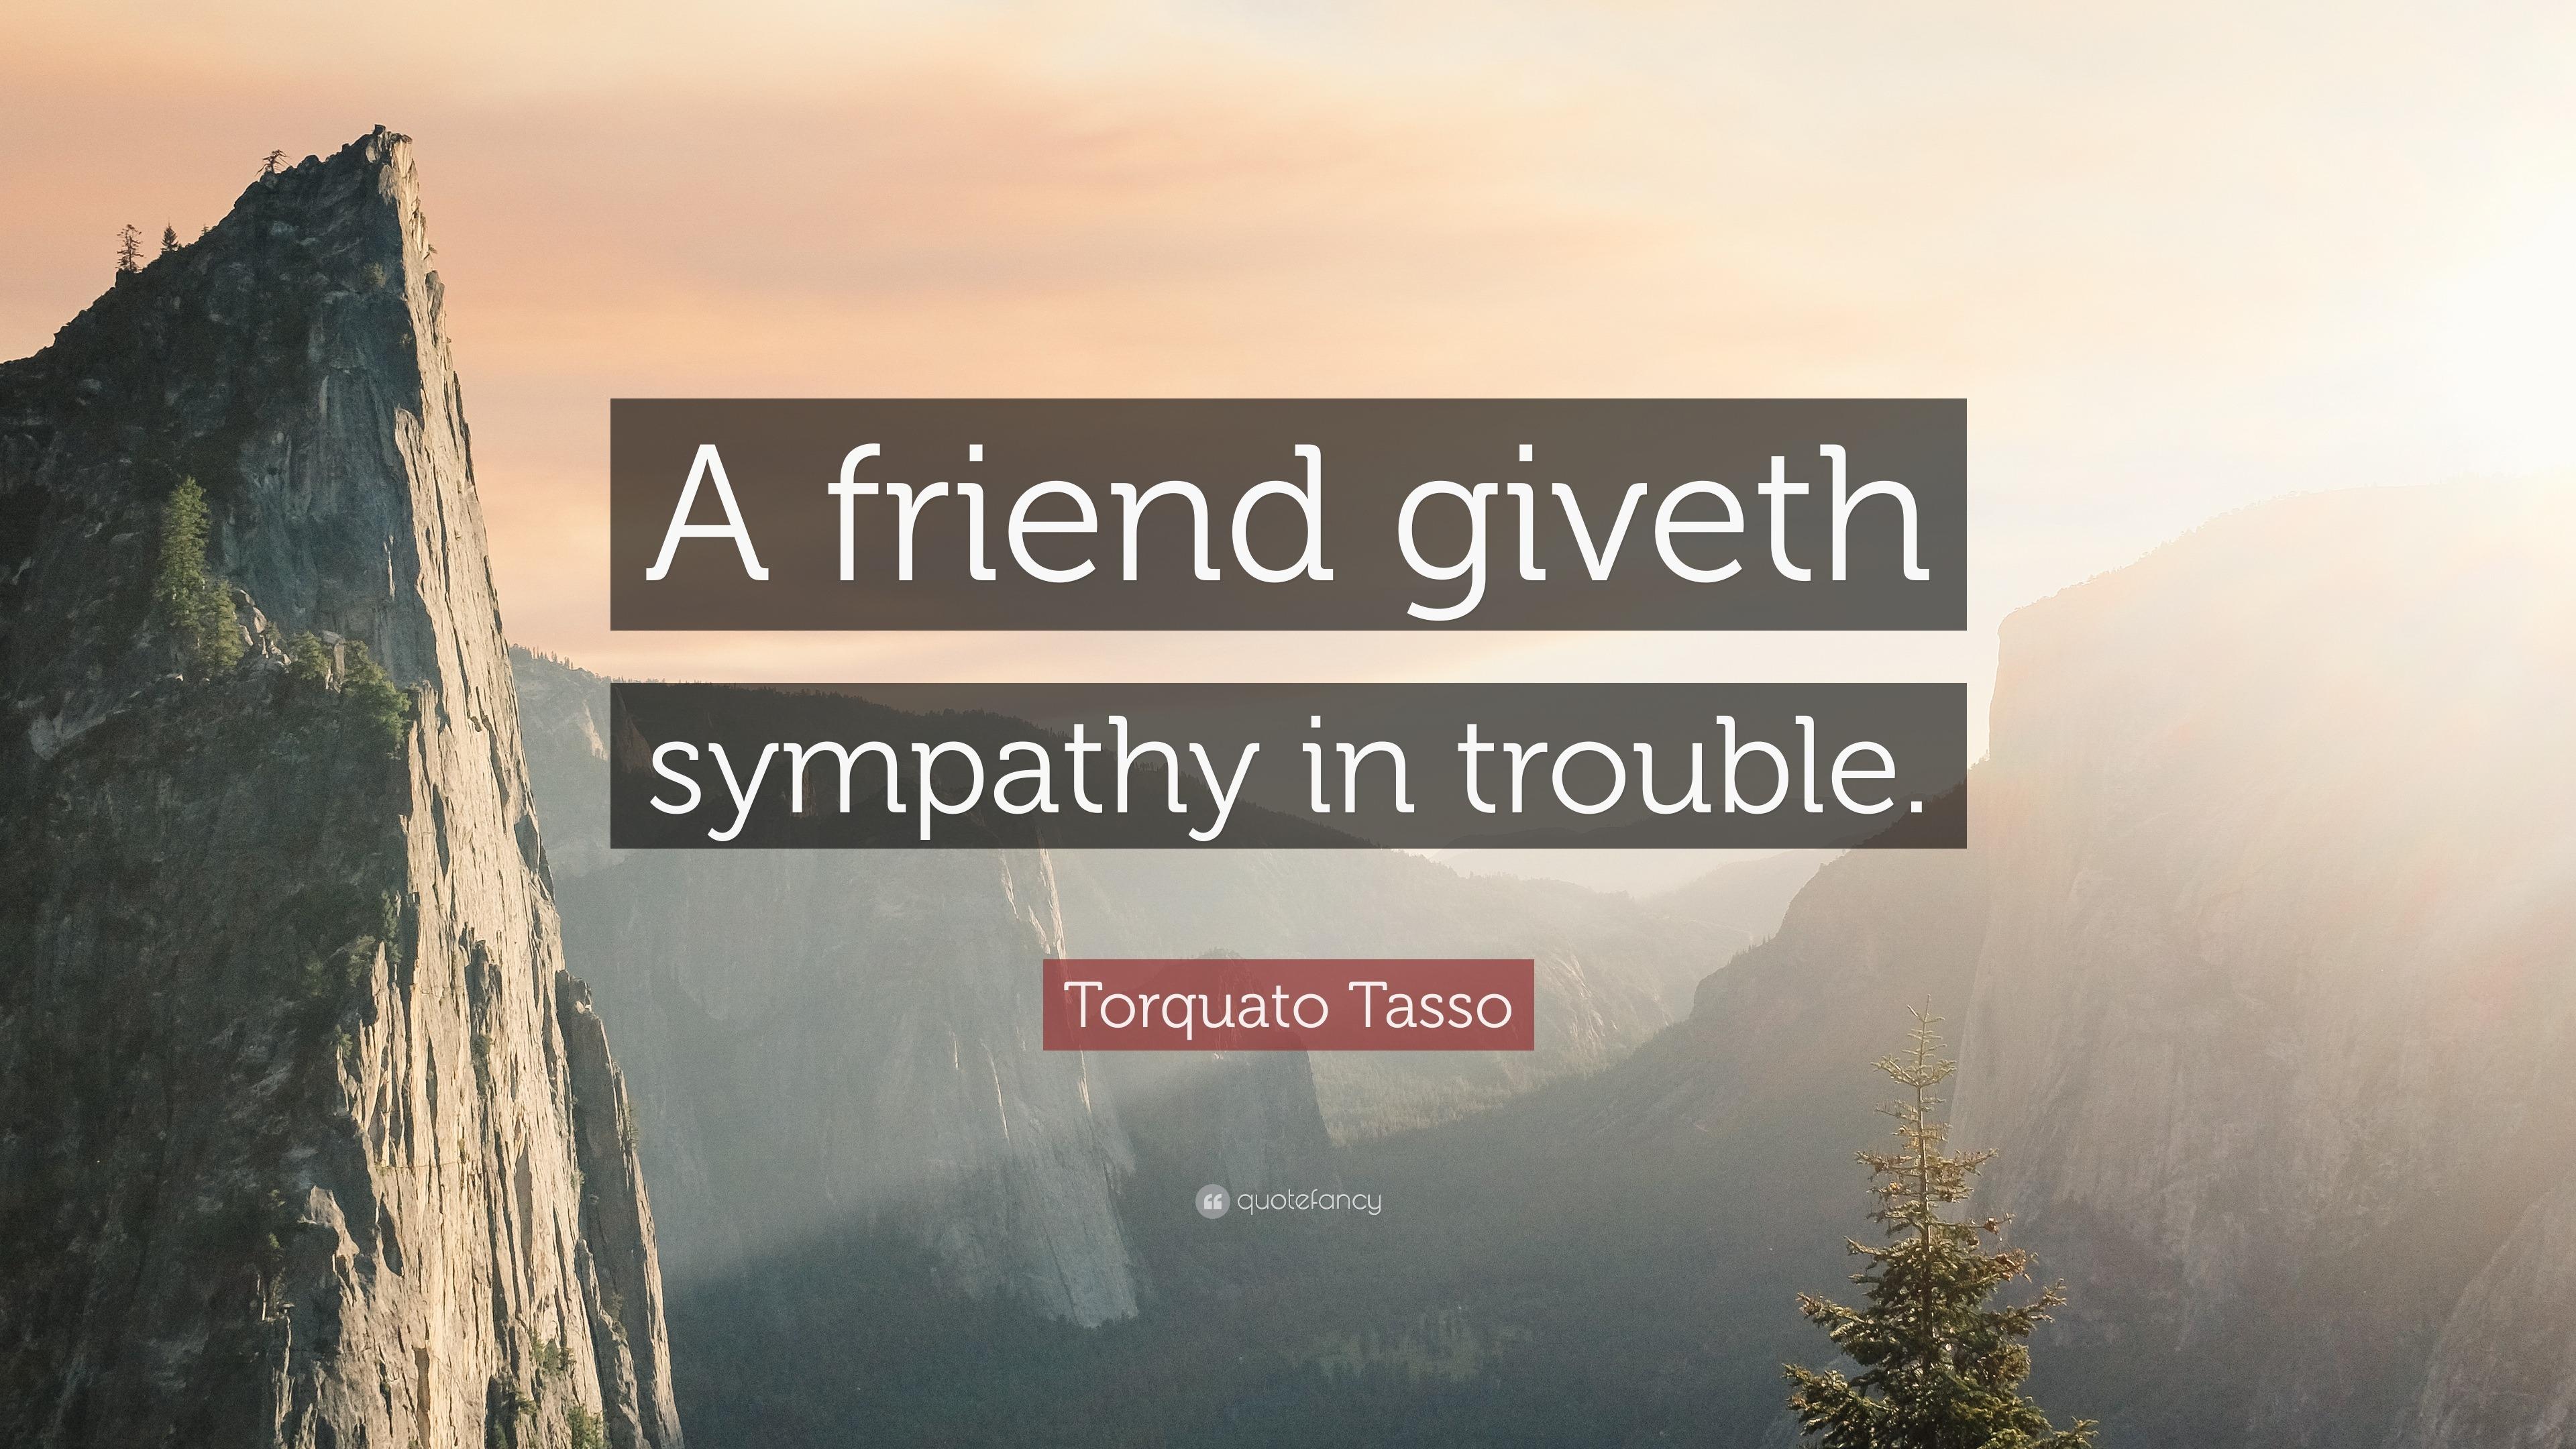 Torquato tasso quote a friend giveth sympathy in trouble 7 torquato tasso quote a friend giveth sympathy in trouble thecheapjerseys Gallery